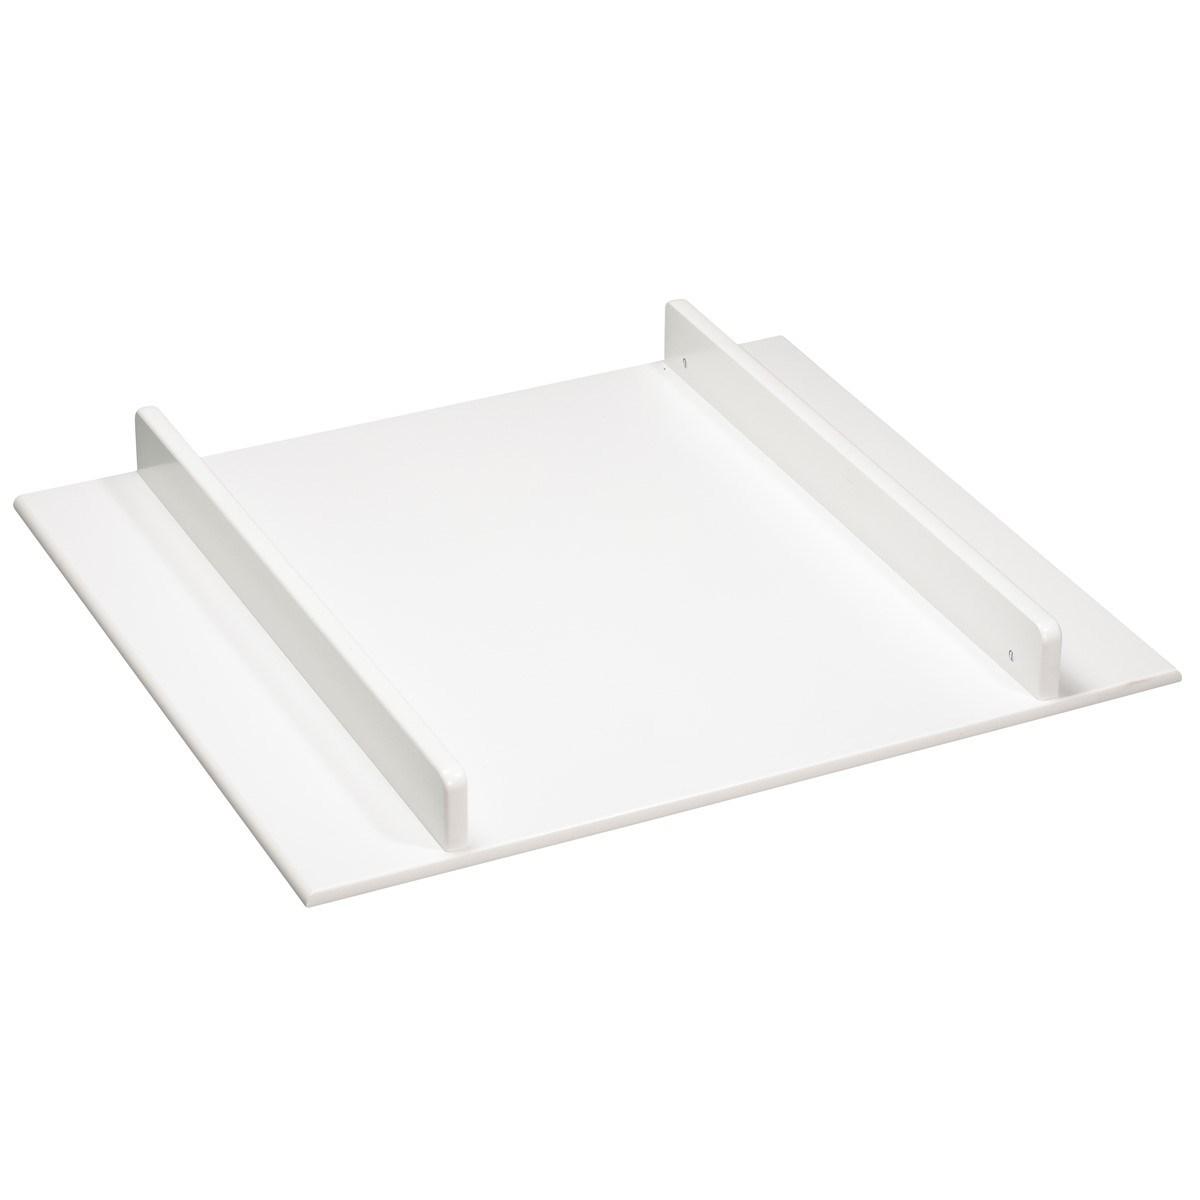 Plan à langer pour commode en bois blanc